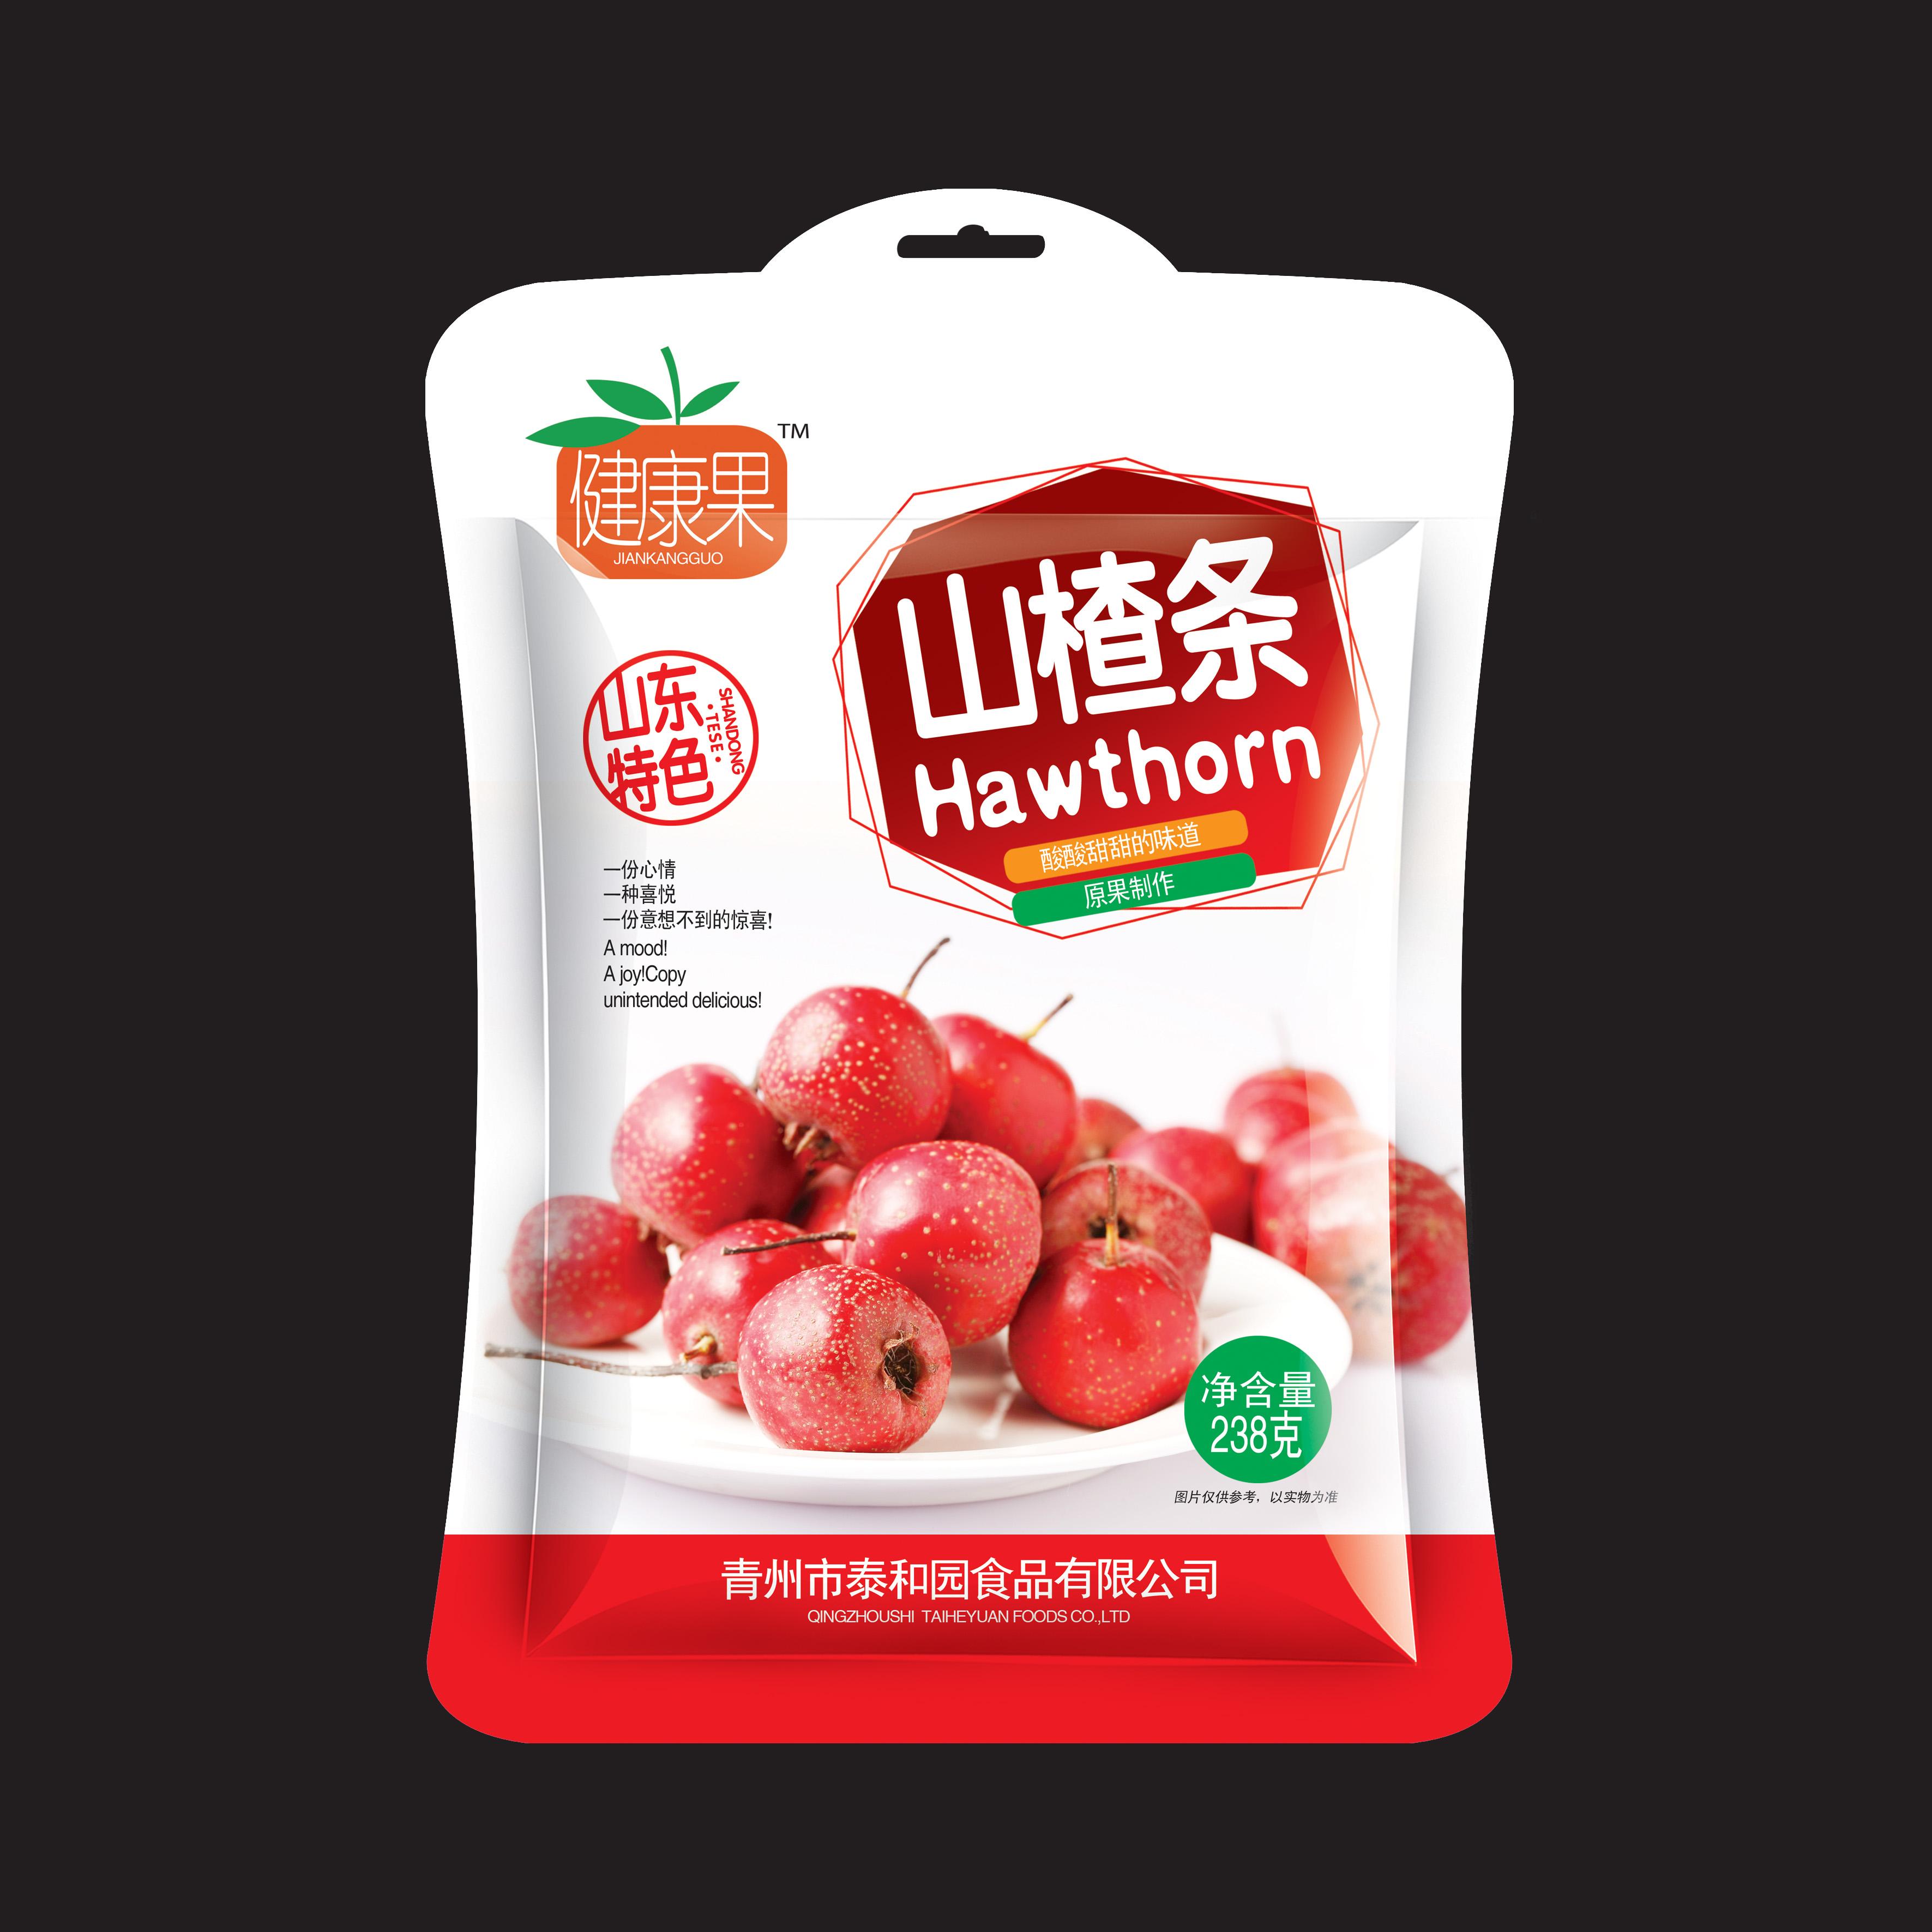 山楂片厂家|泰和园食品-知名的山楂果品供货商